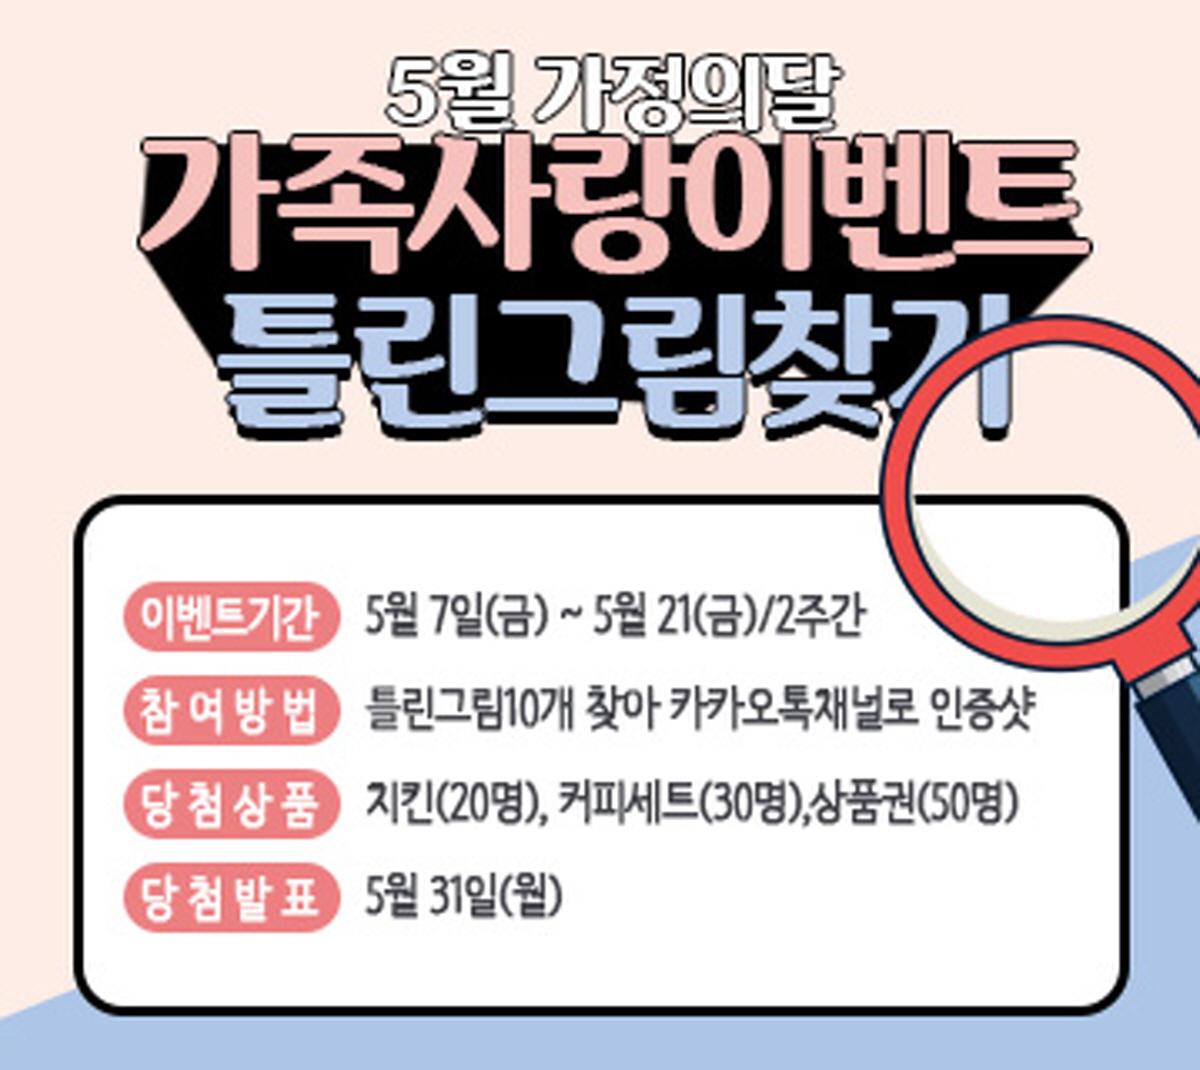 한국효문화진흥원은 '5월 가정의 달'을 맞아전국민을 대상으로 5월 21일까지 '틀린그림 찾기'이벤트를 운영한다고 11일 밝혔다.